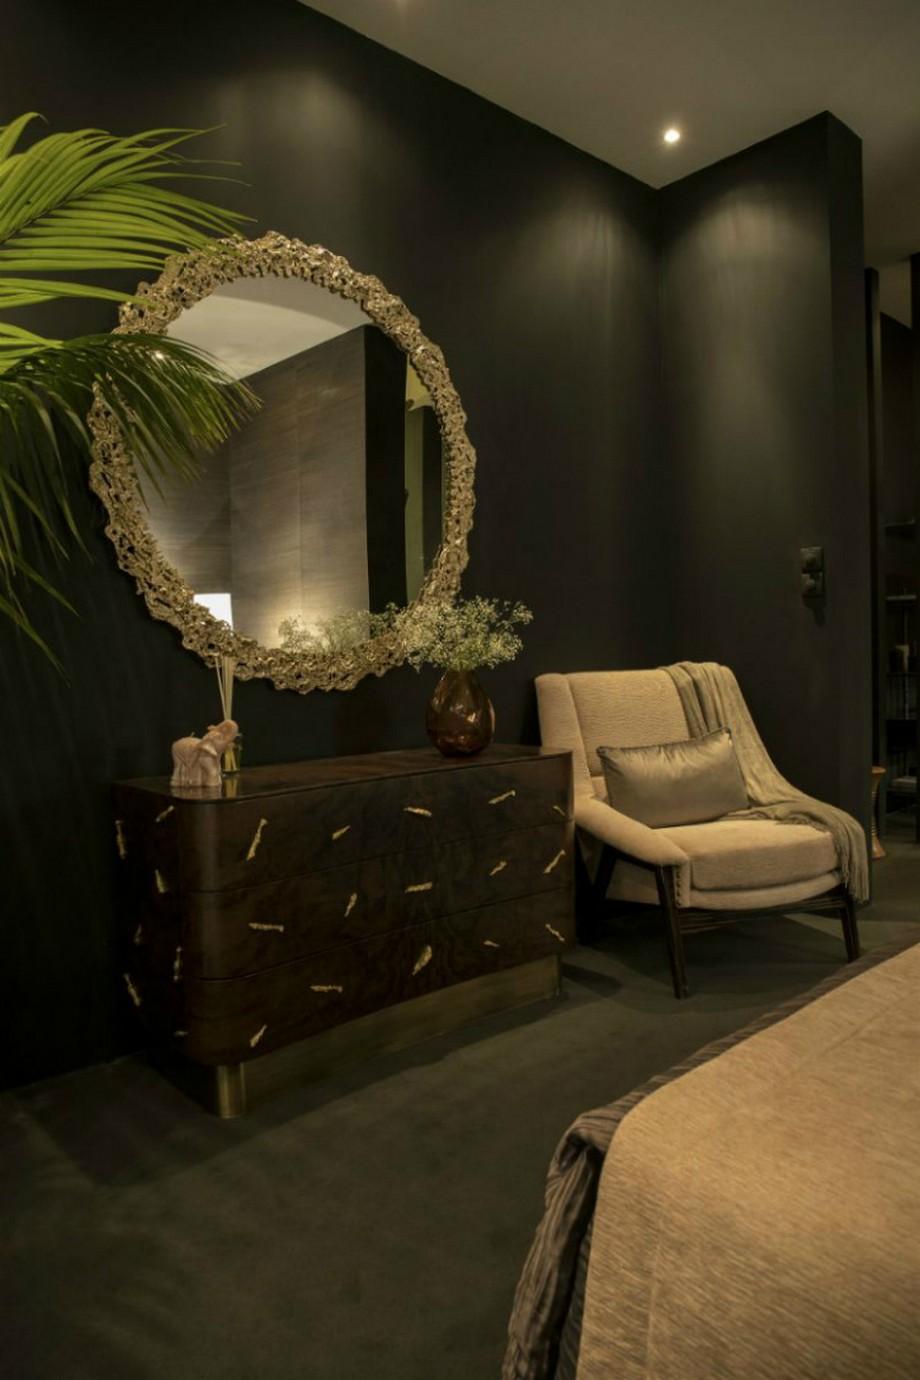 Ideas para Decorar: Espejos de lujo para poneres en una habitación ideas para decorar Ideas para Decorar: Espejos de lujo para poneres en una habitación cay mirror